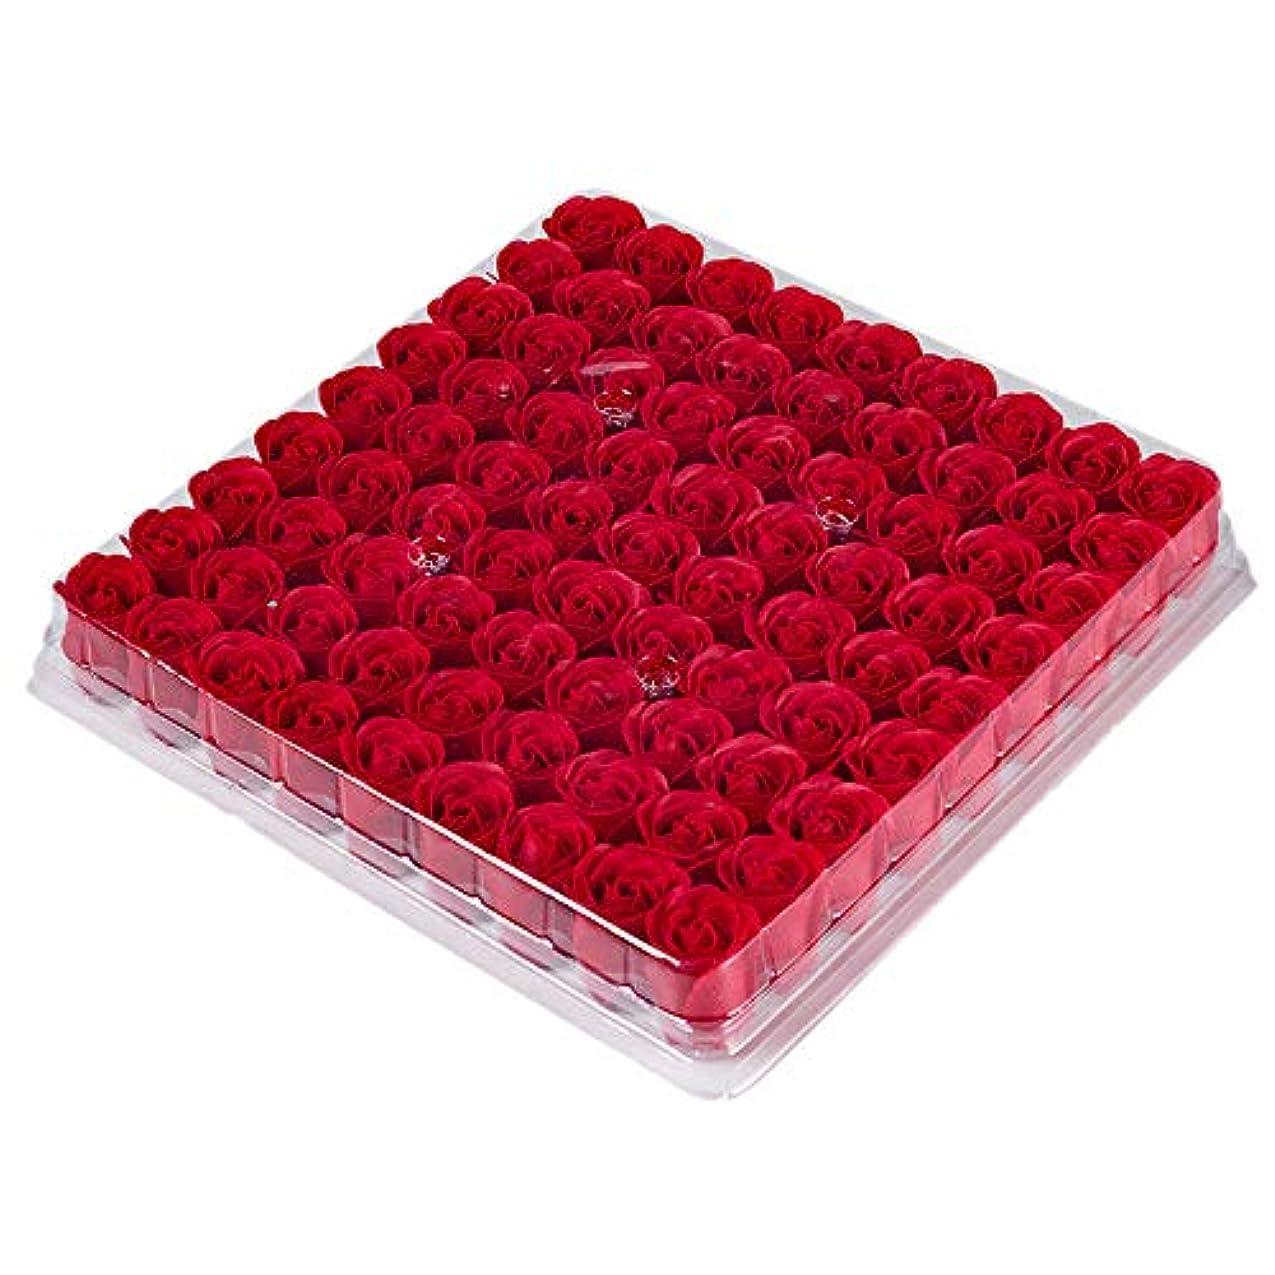 シュガー雪の容量RETYLY 81個の薔薇、バス ボディ フラワー?フローラルの石けん 香りのよいローズフラワー エッセンシャルオイル フローラルのお客様への石鹸 ウェディング、パーティー、バレンタインデーの贈り物、赤色